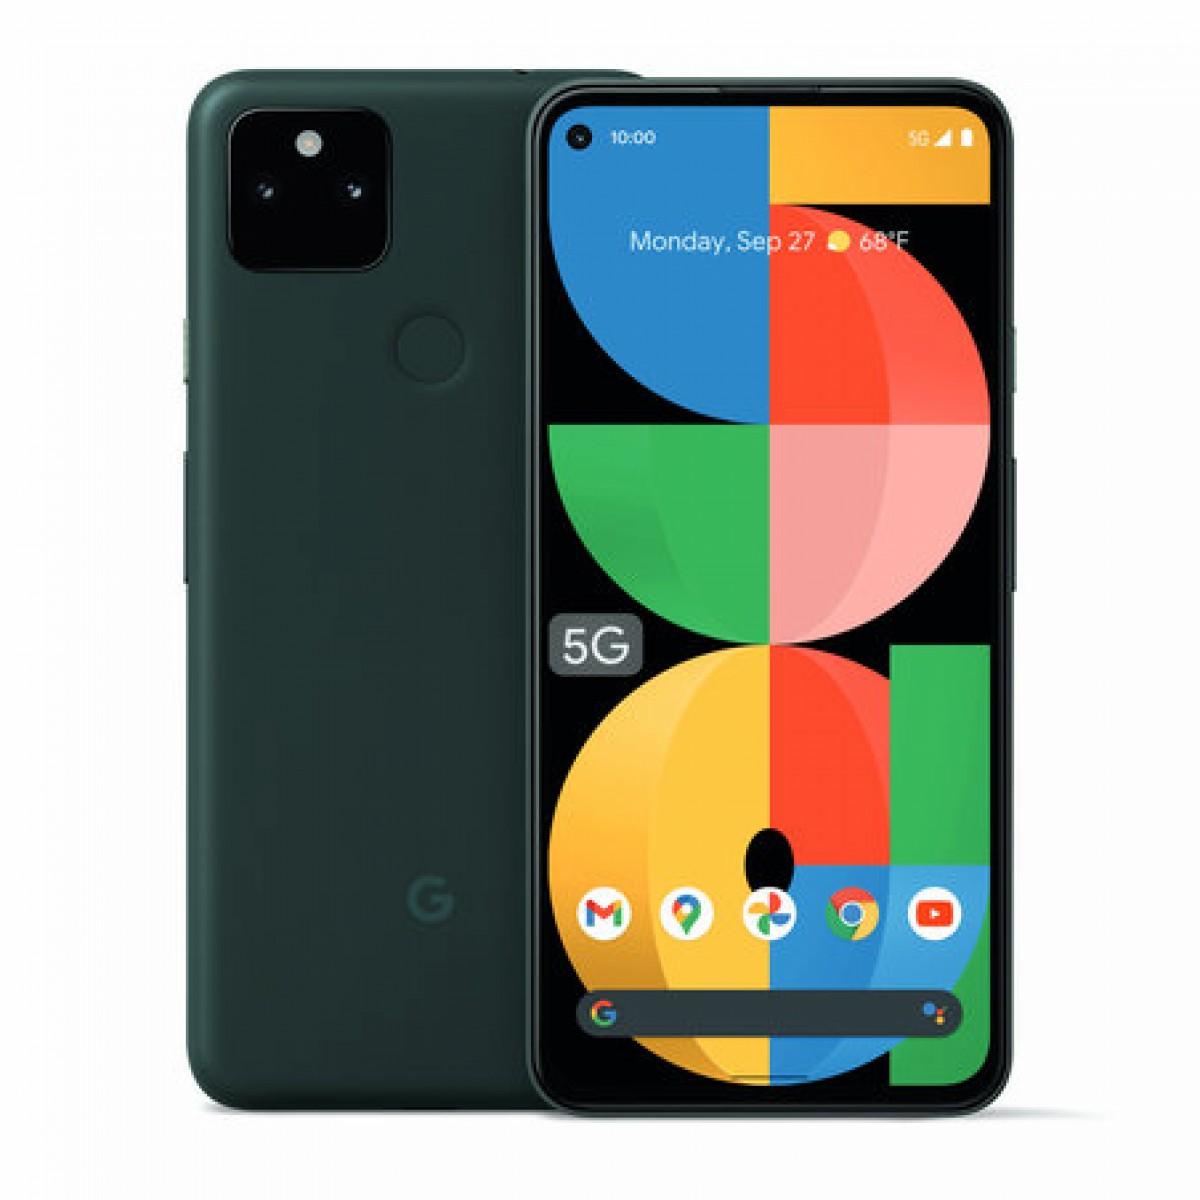 Google анонсирует Pixel 5a с 5G, IP67 и батареей 4680 мАч